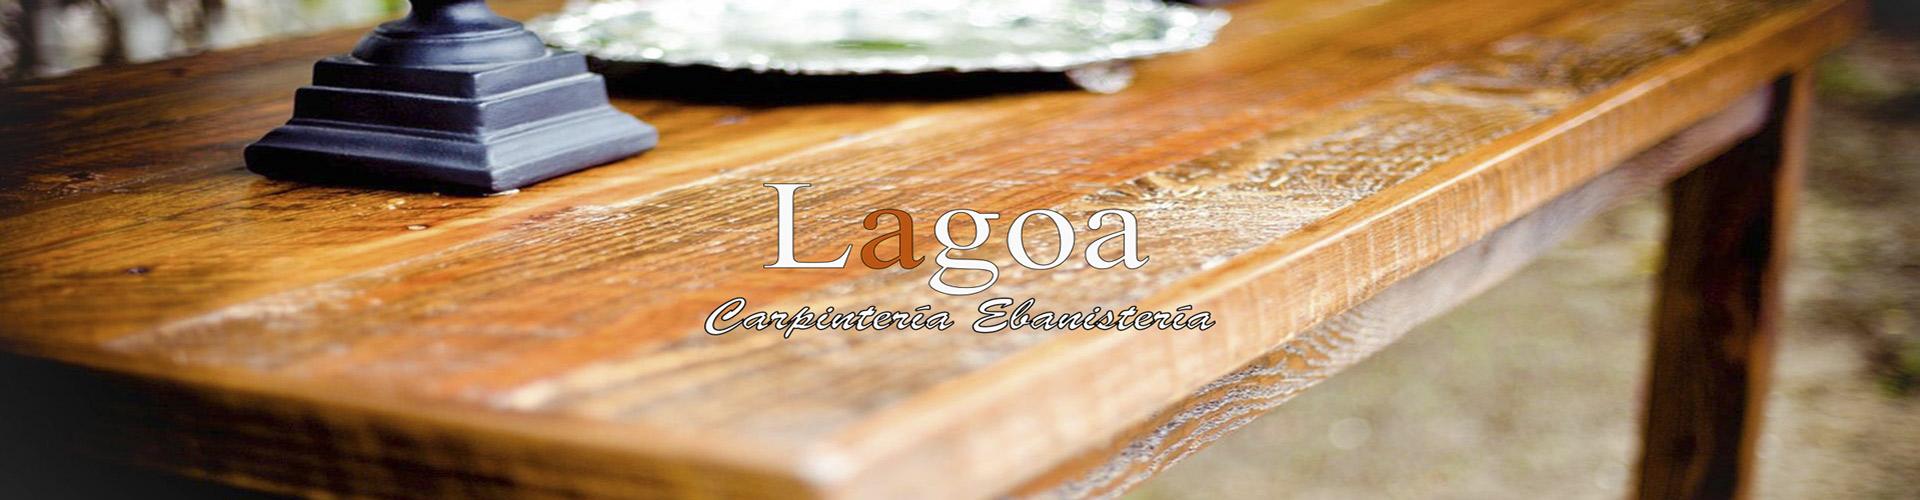 Carpintería Ebanistería Lagoa - Biriska.com - Muebles a Medida